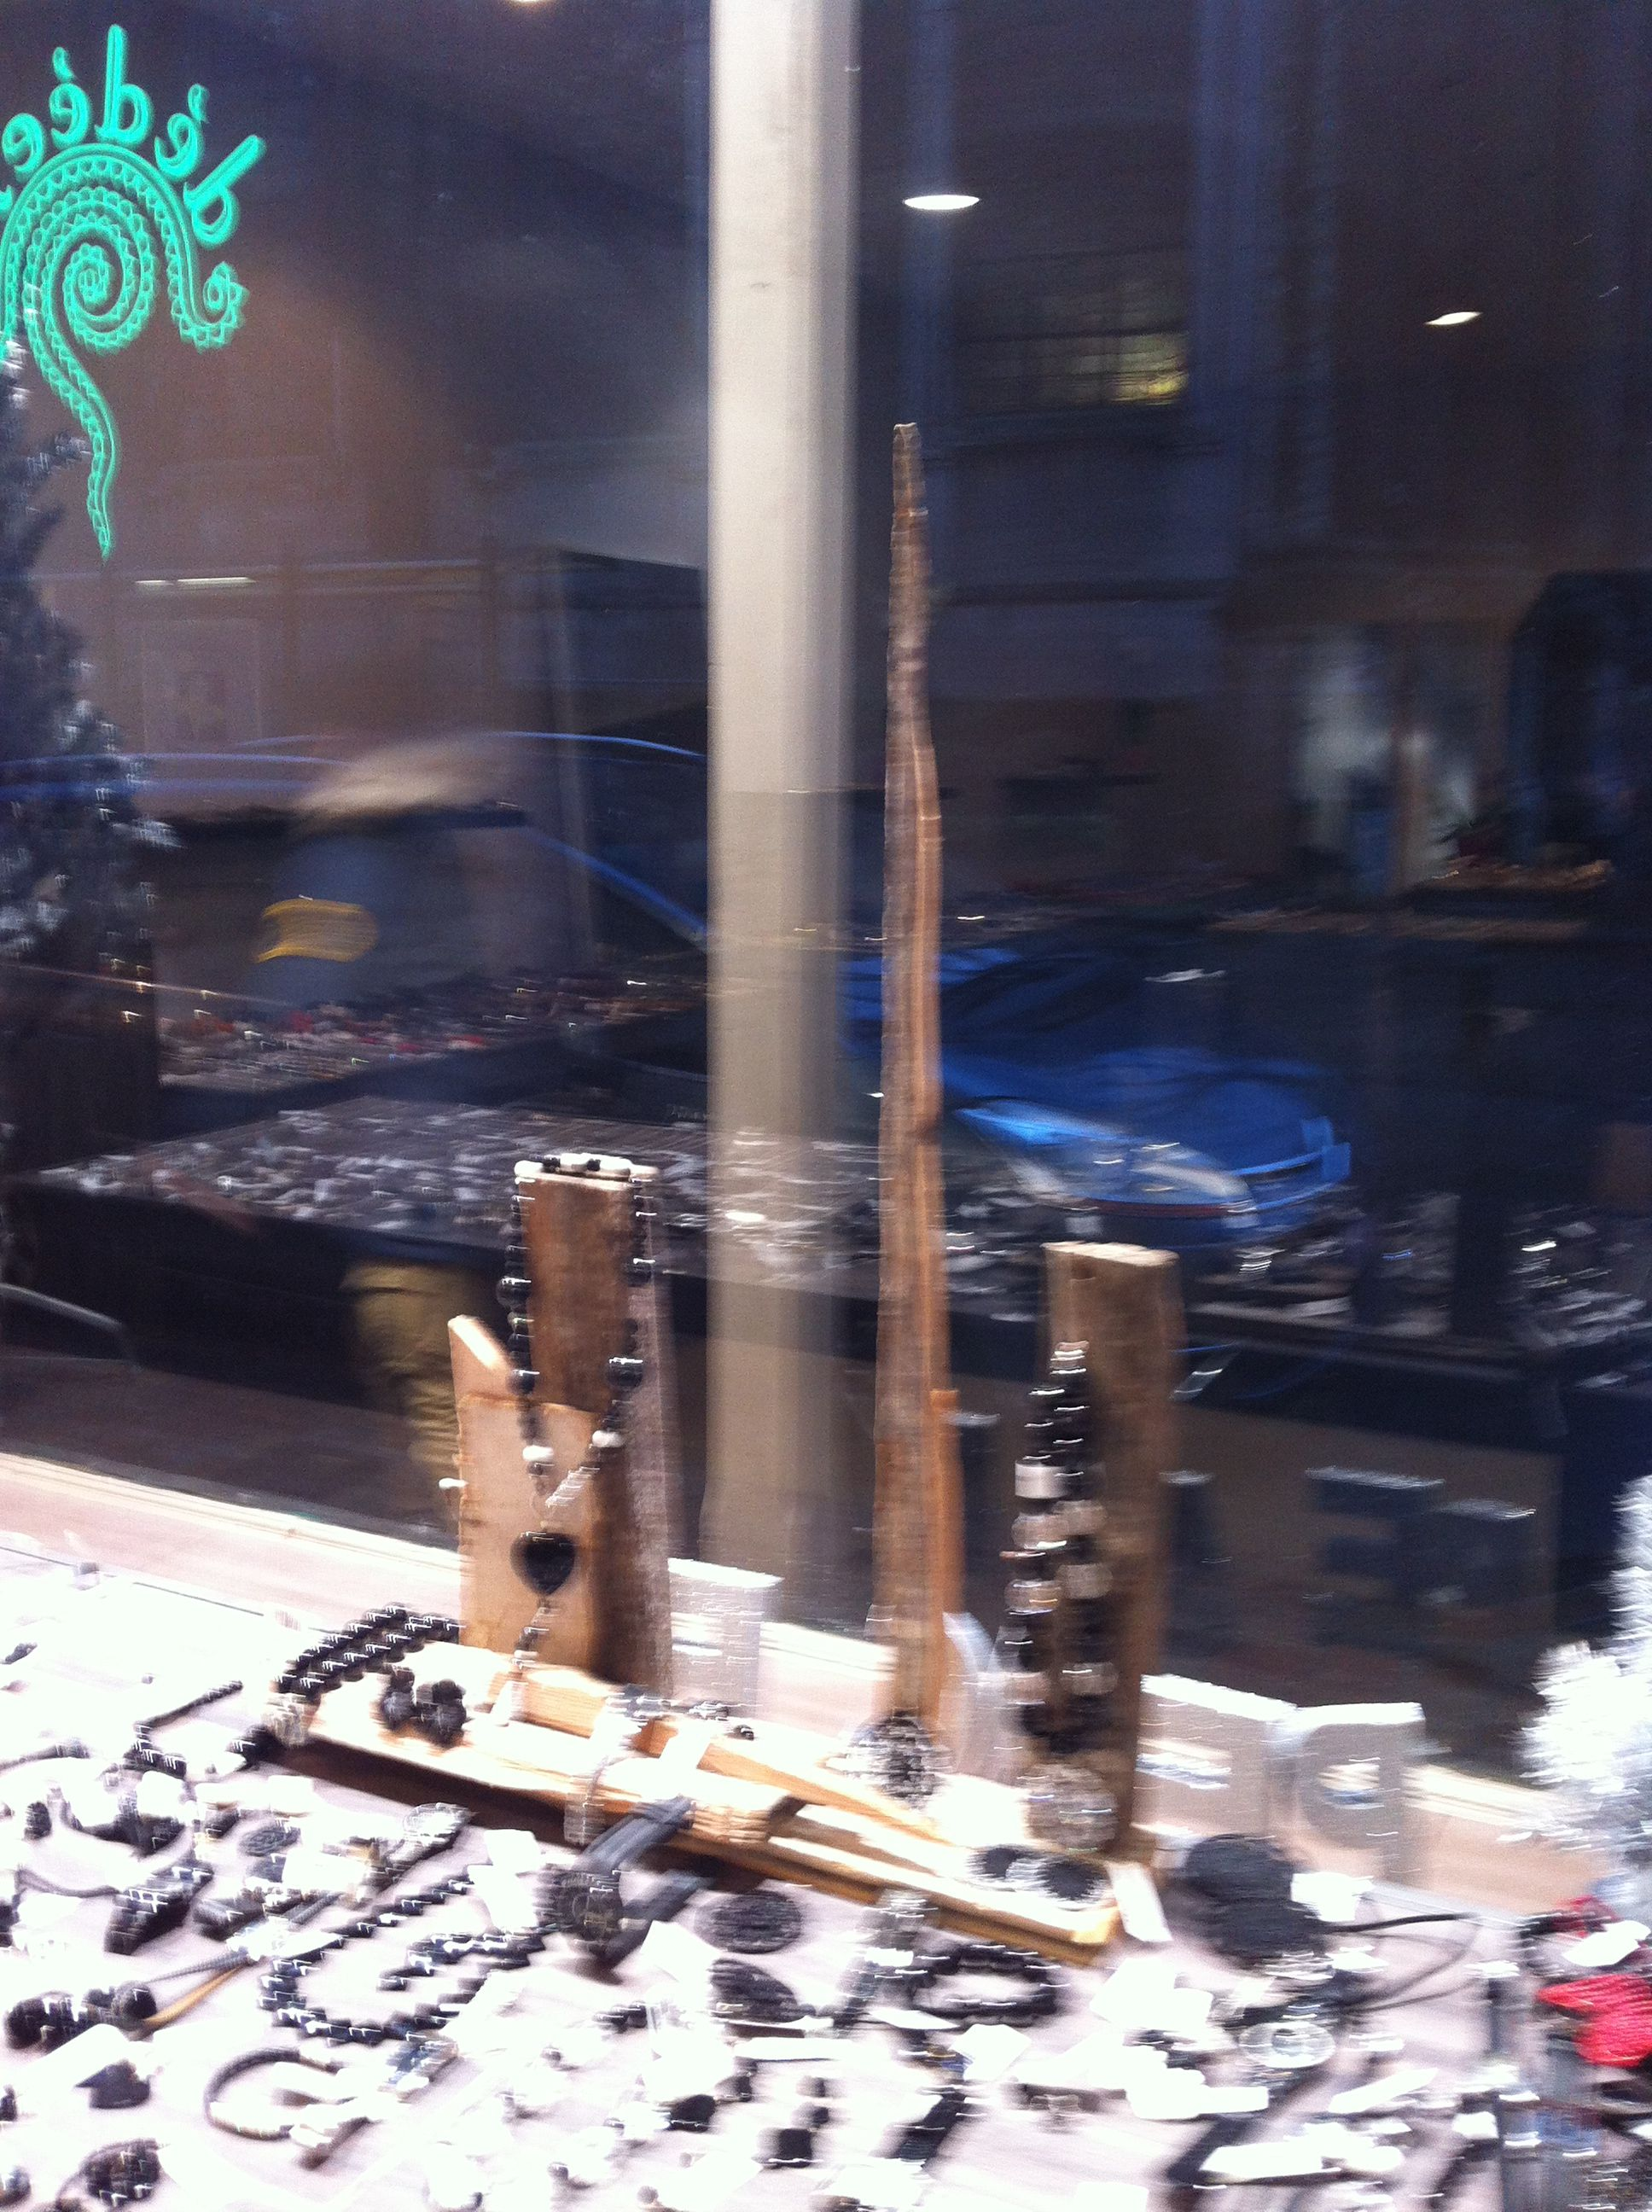 #belgicaturismo Que originales los escaparates de las tiendas de este barrio de #Bruselas, le llaman IXL.